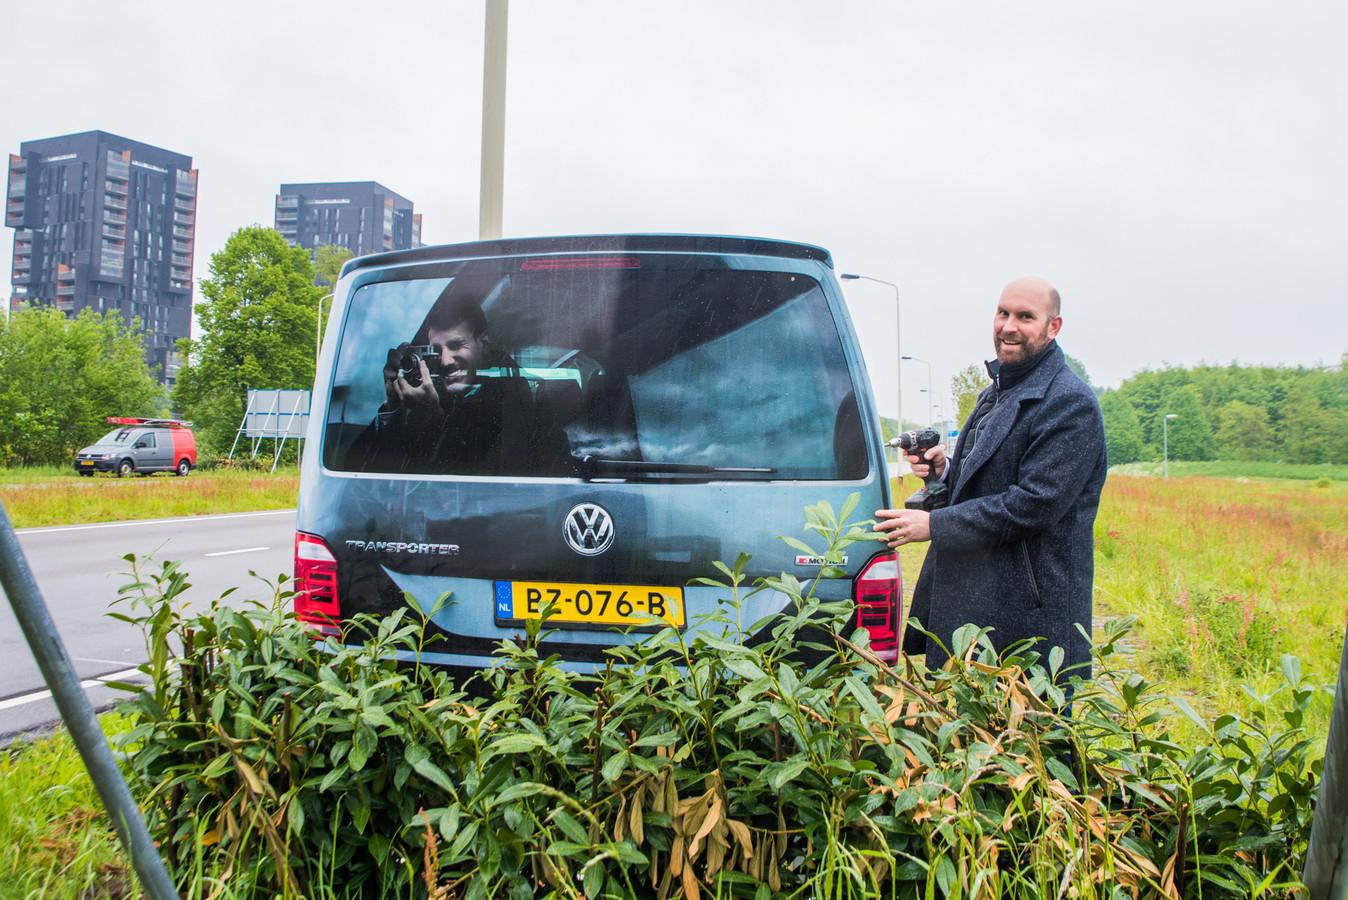 Wethouder Boaz Adank bij het nepflitsbusje aan de Zuidelijke Rondweg in Breda.